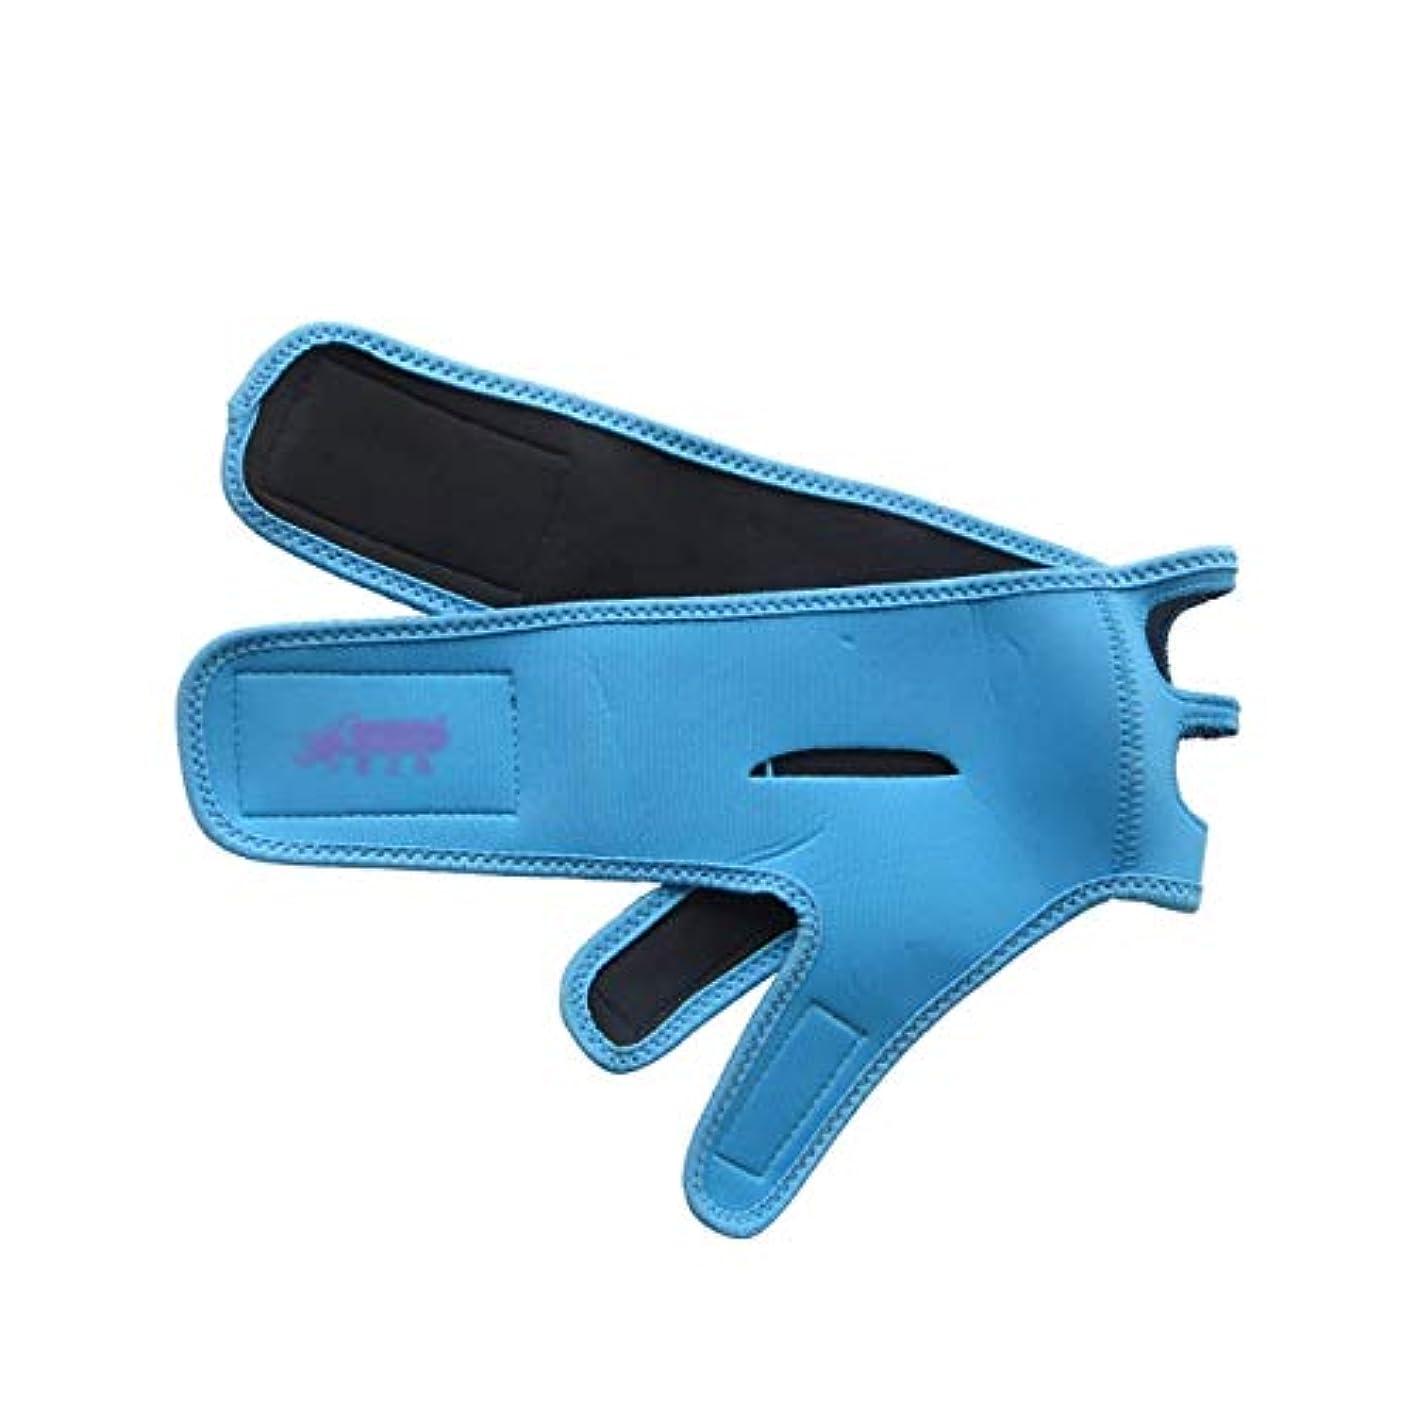 行列湿度協力するファーミングフェイスマスク、フェイスリフトフェイシャルフェイスフェイスアーティファクトVフェイスリフティングフェイスバンデージシンフェイスマスクフェイスリフトフェイシャルマッサージャー(色:A)